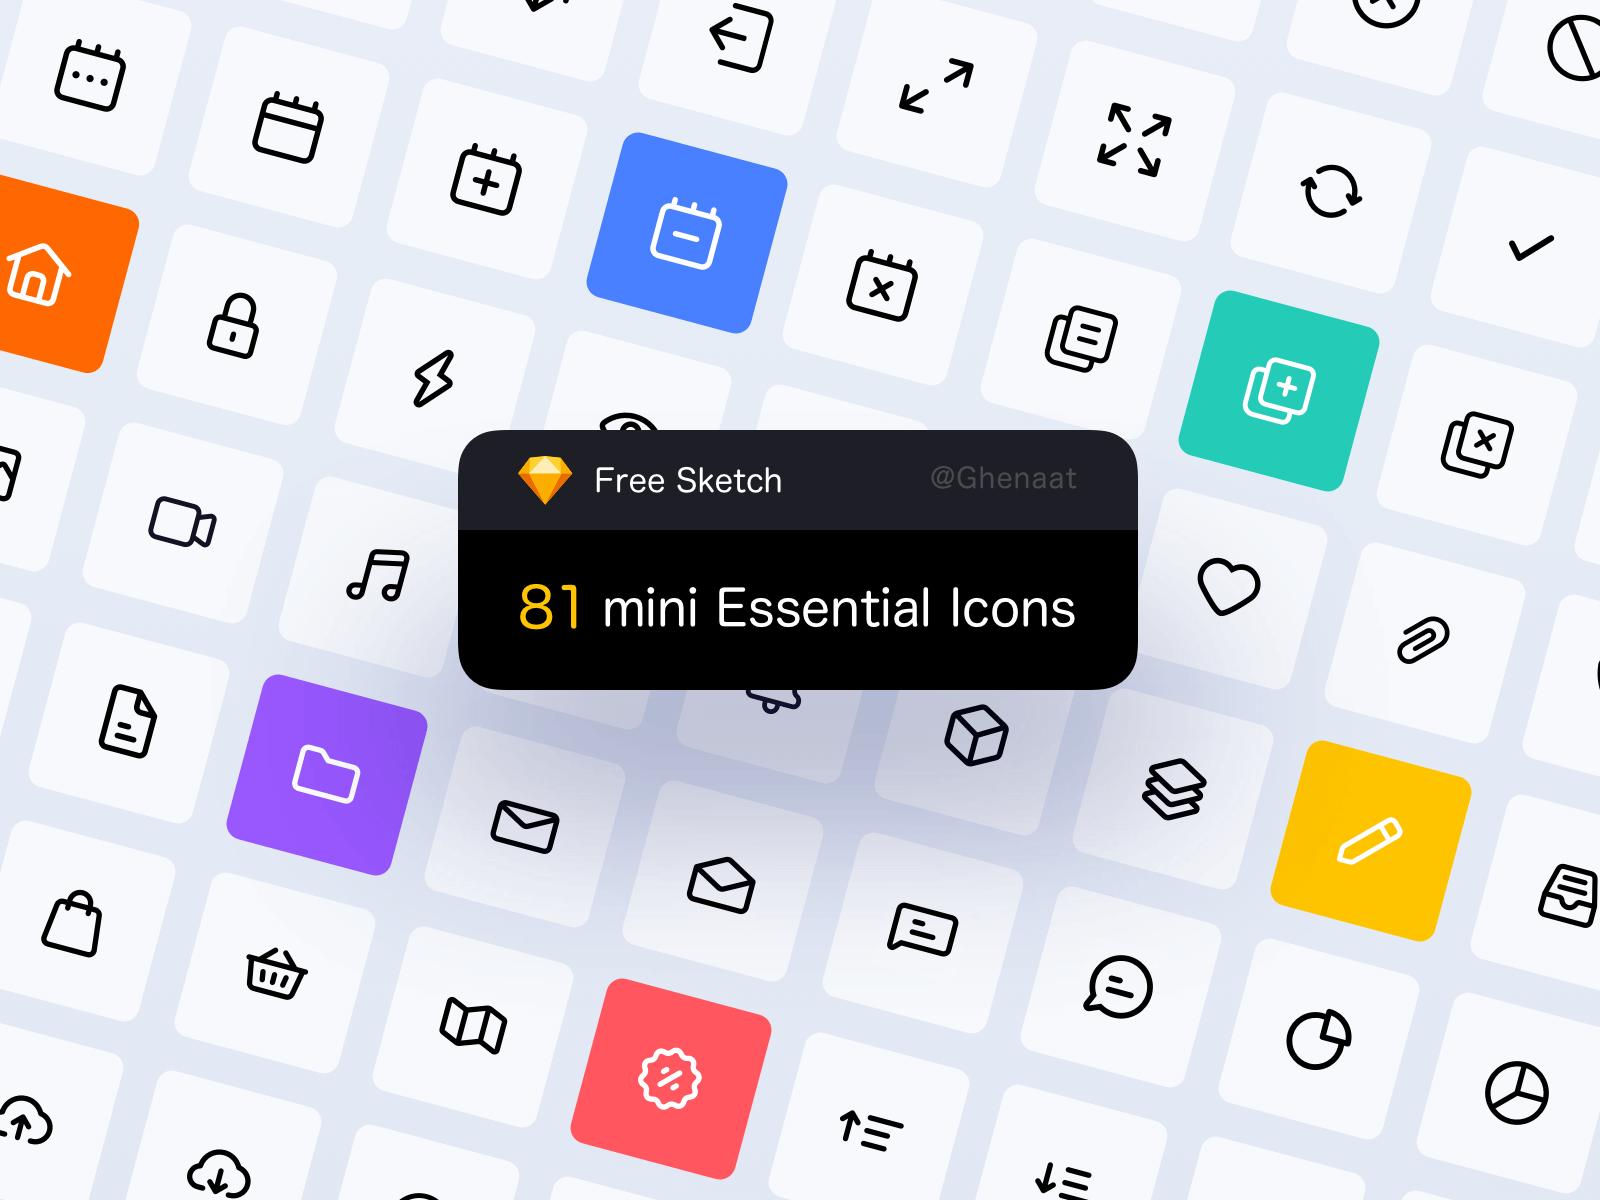 81 mini Essential Icons cover image